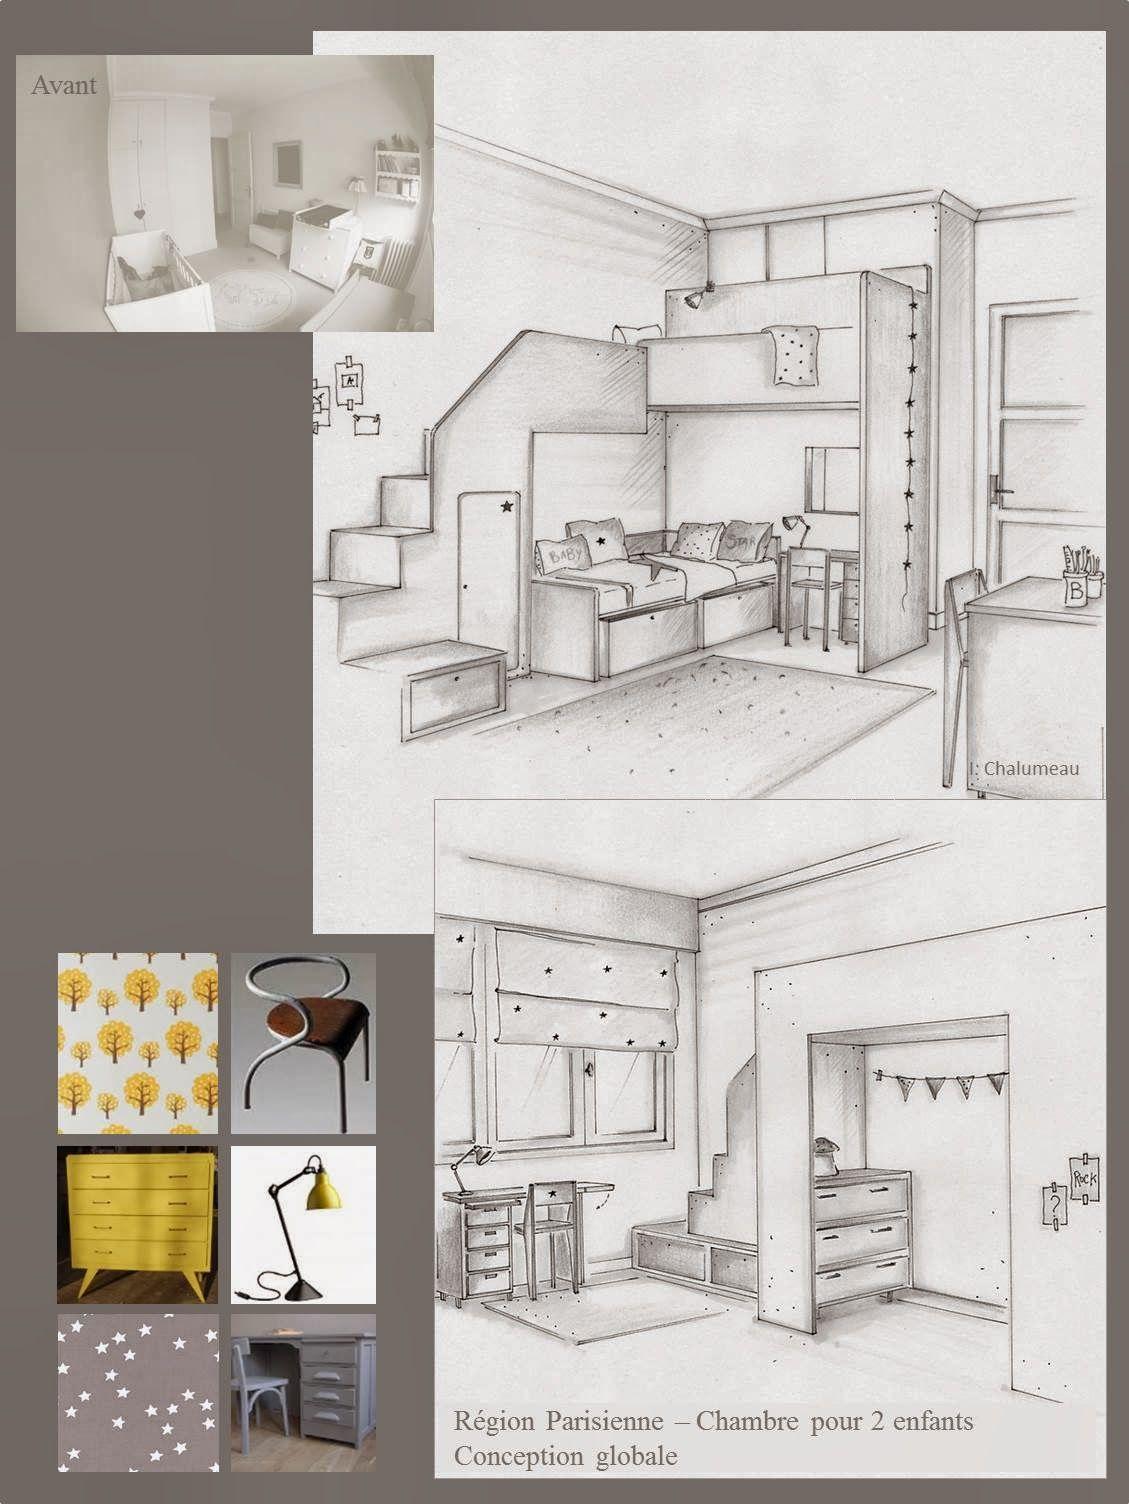 Conception Graphique: Planches Tendances, Plans, Perspectives, Planches  Matériaux. Accompagnement Pour Le